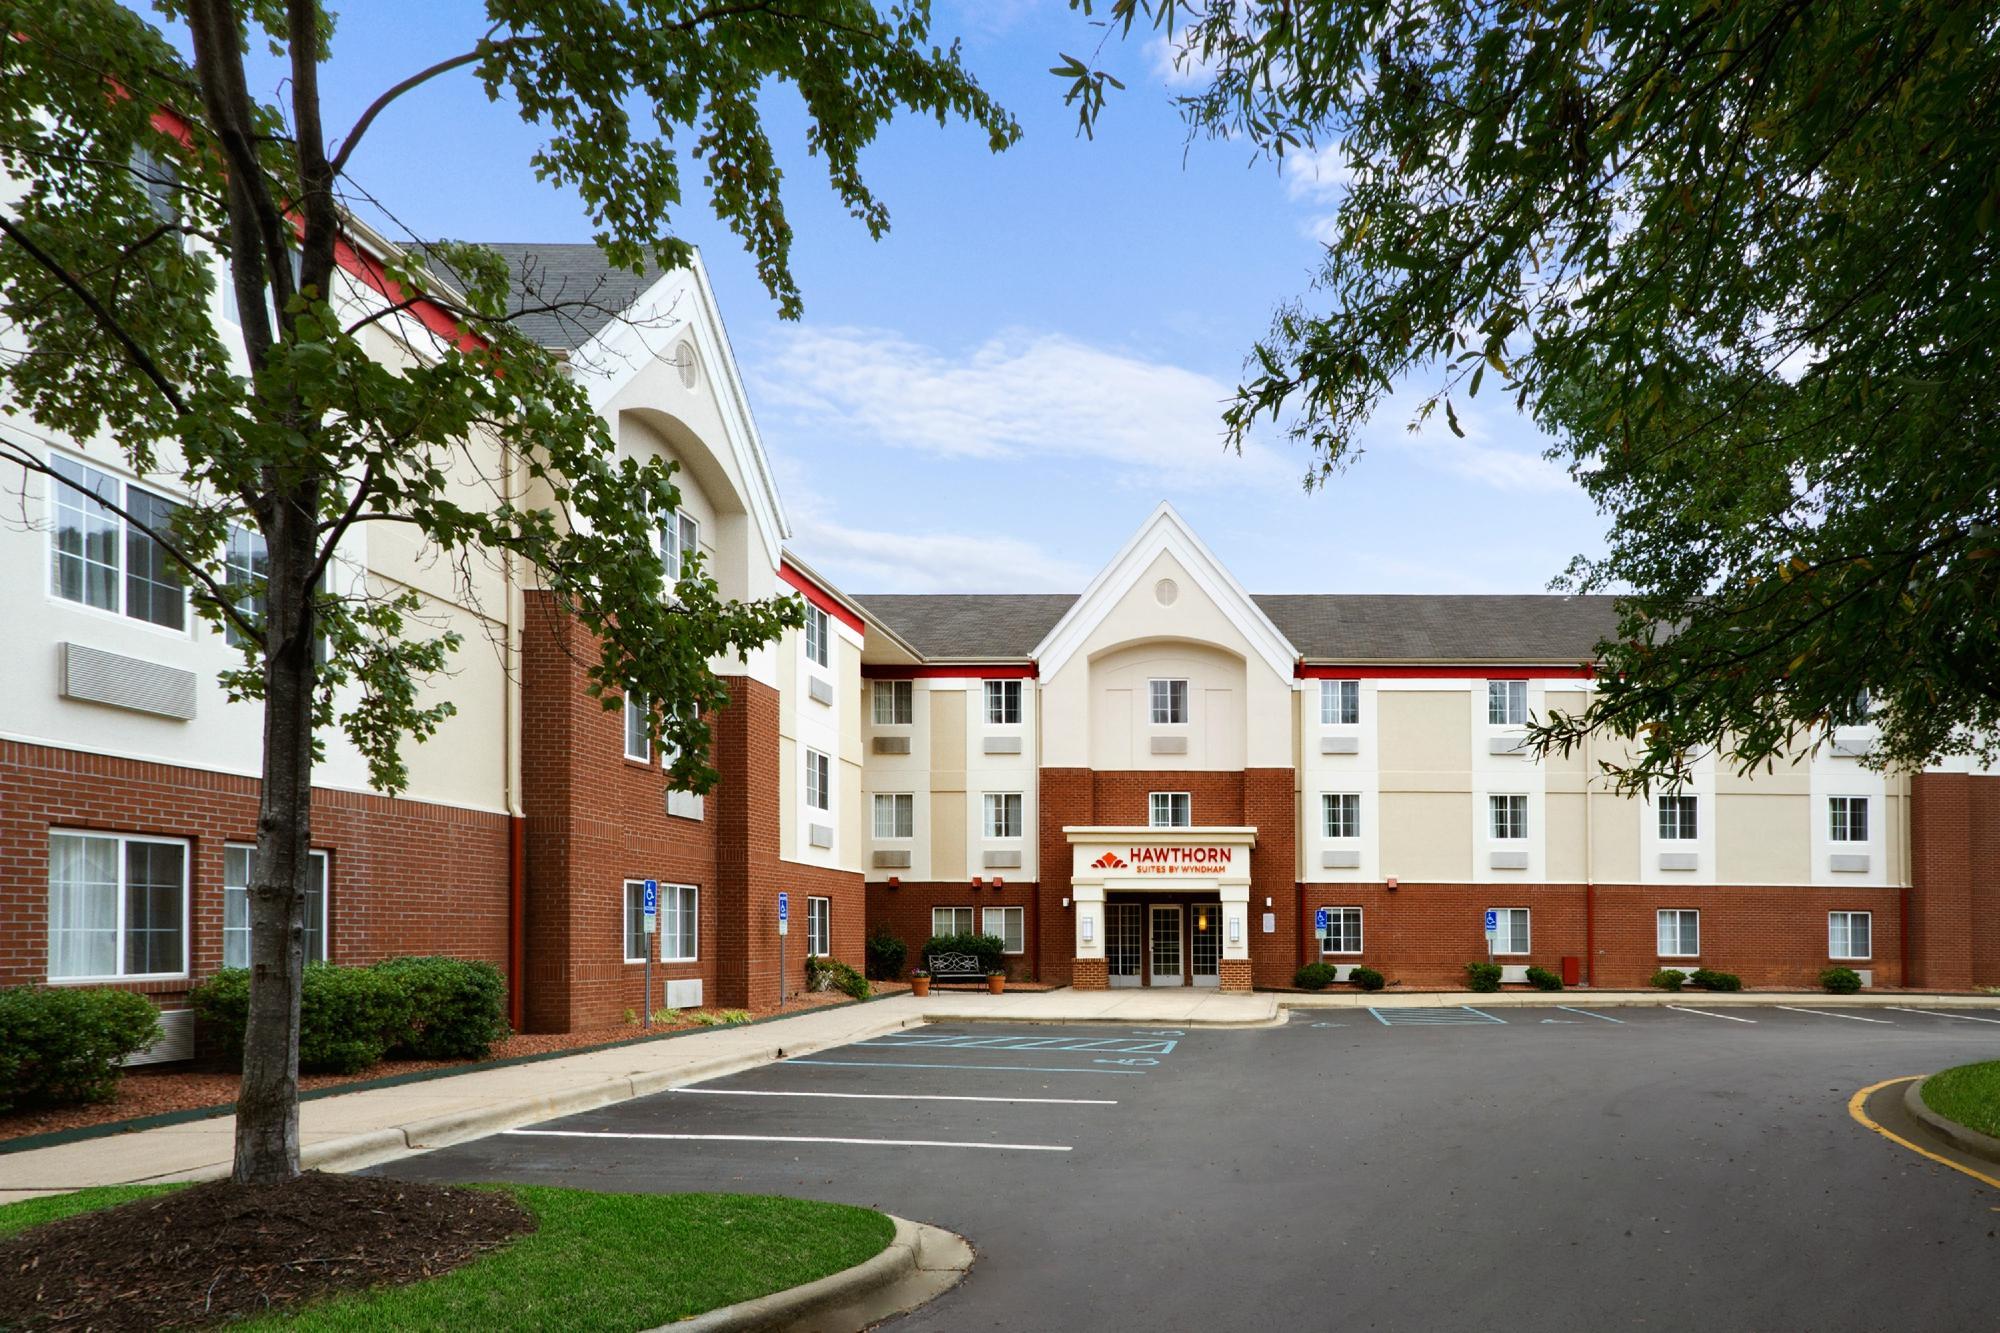 Hawthorn Suites by Wyndham Hartford Meriden